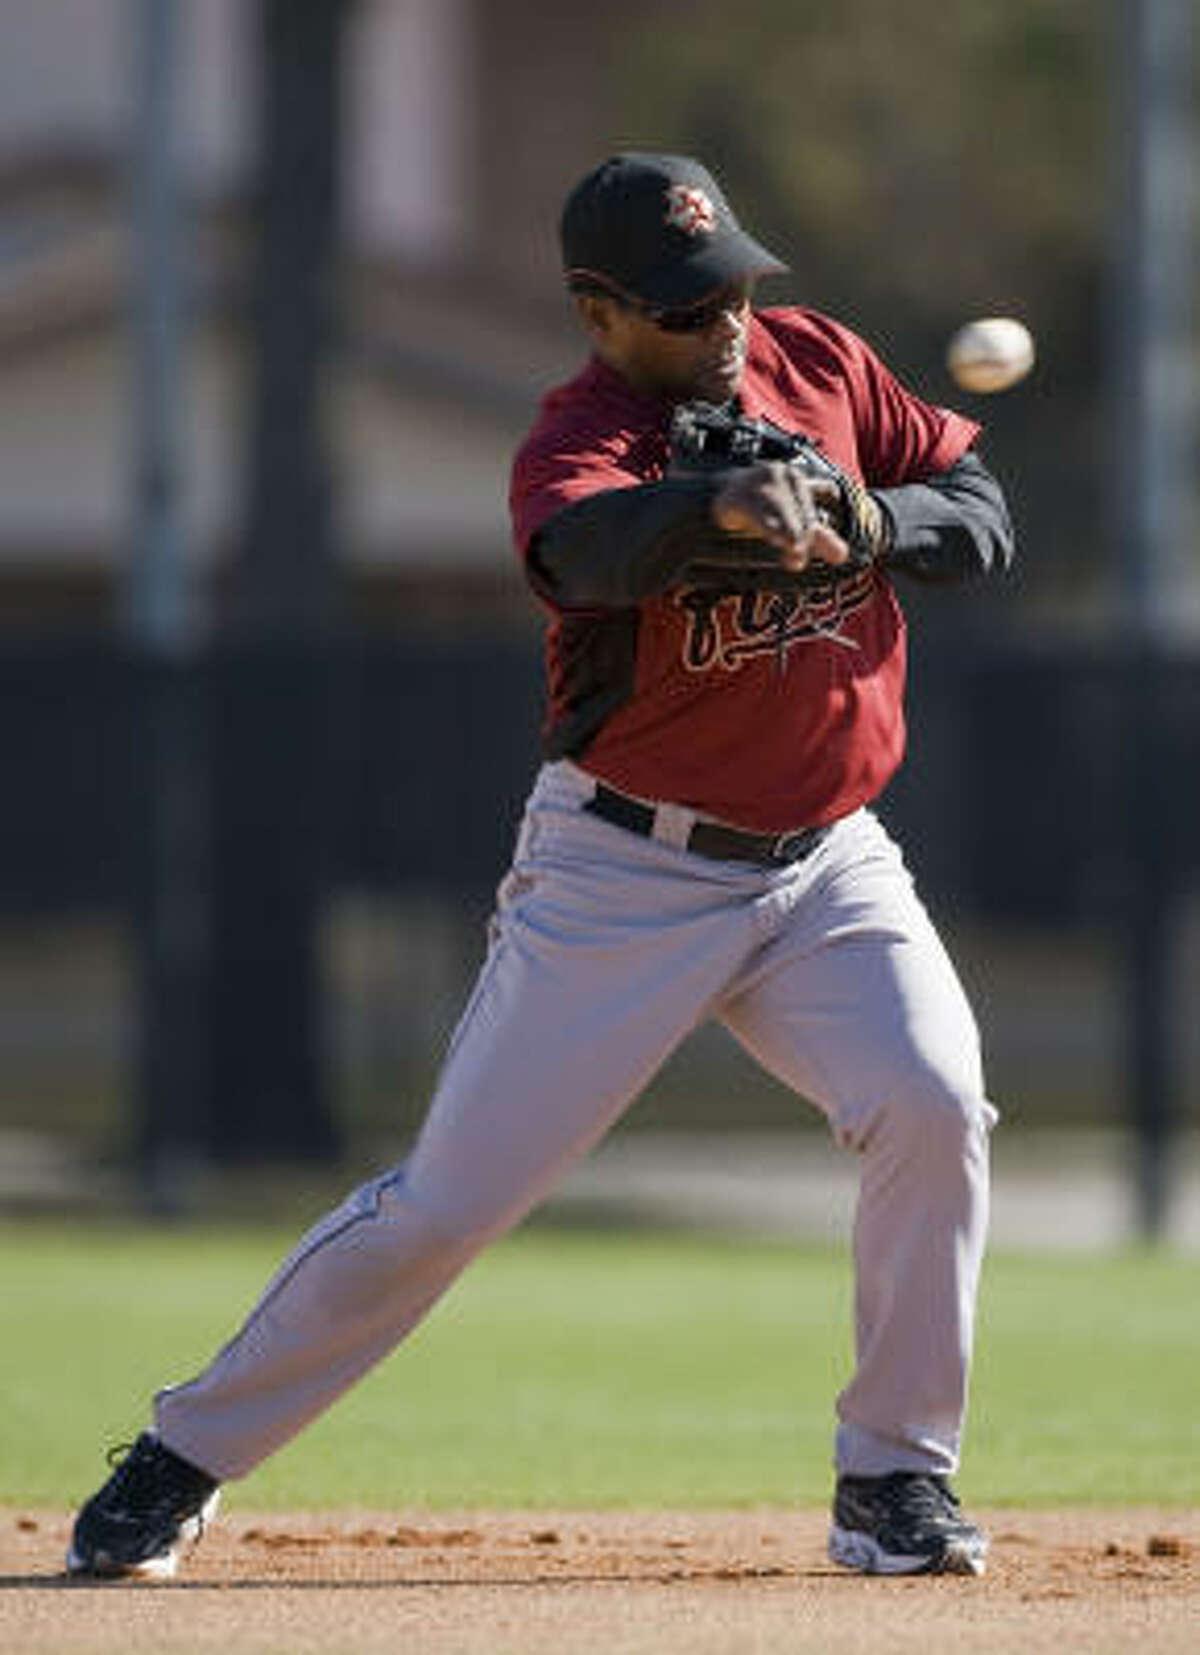 Miguel Tejada throws during a warmup.